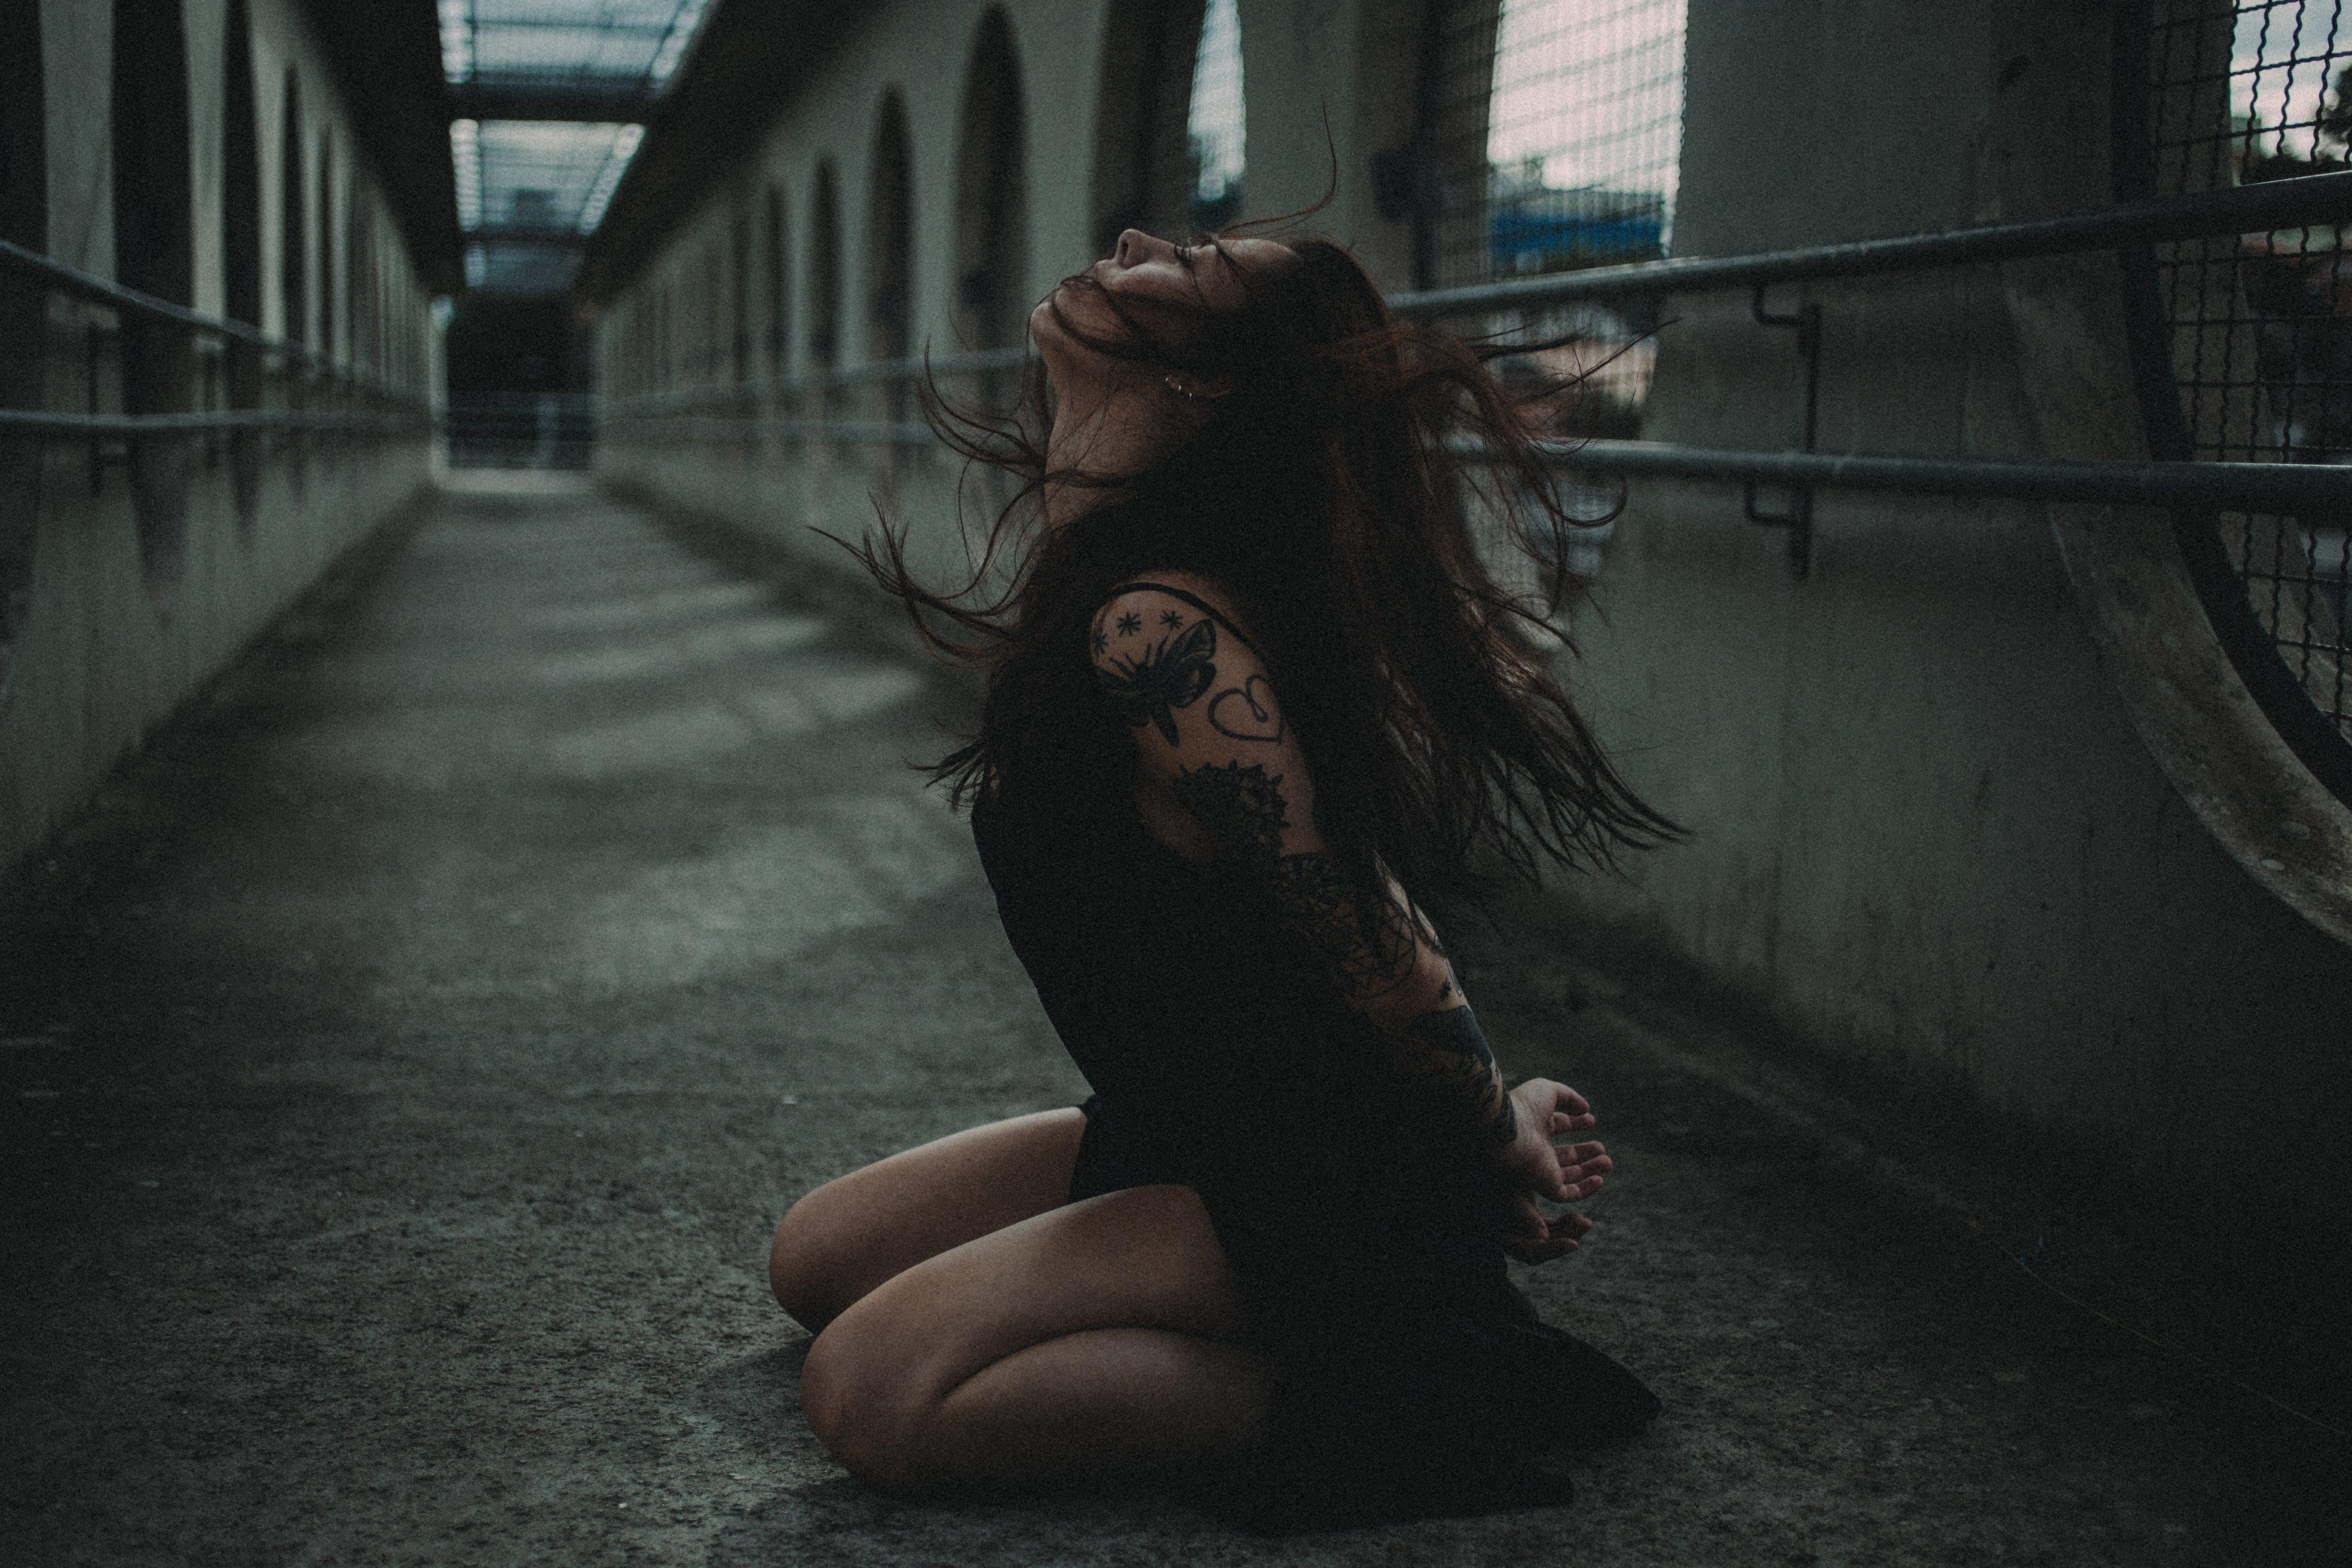 Woman Kneeling Down